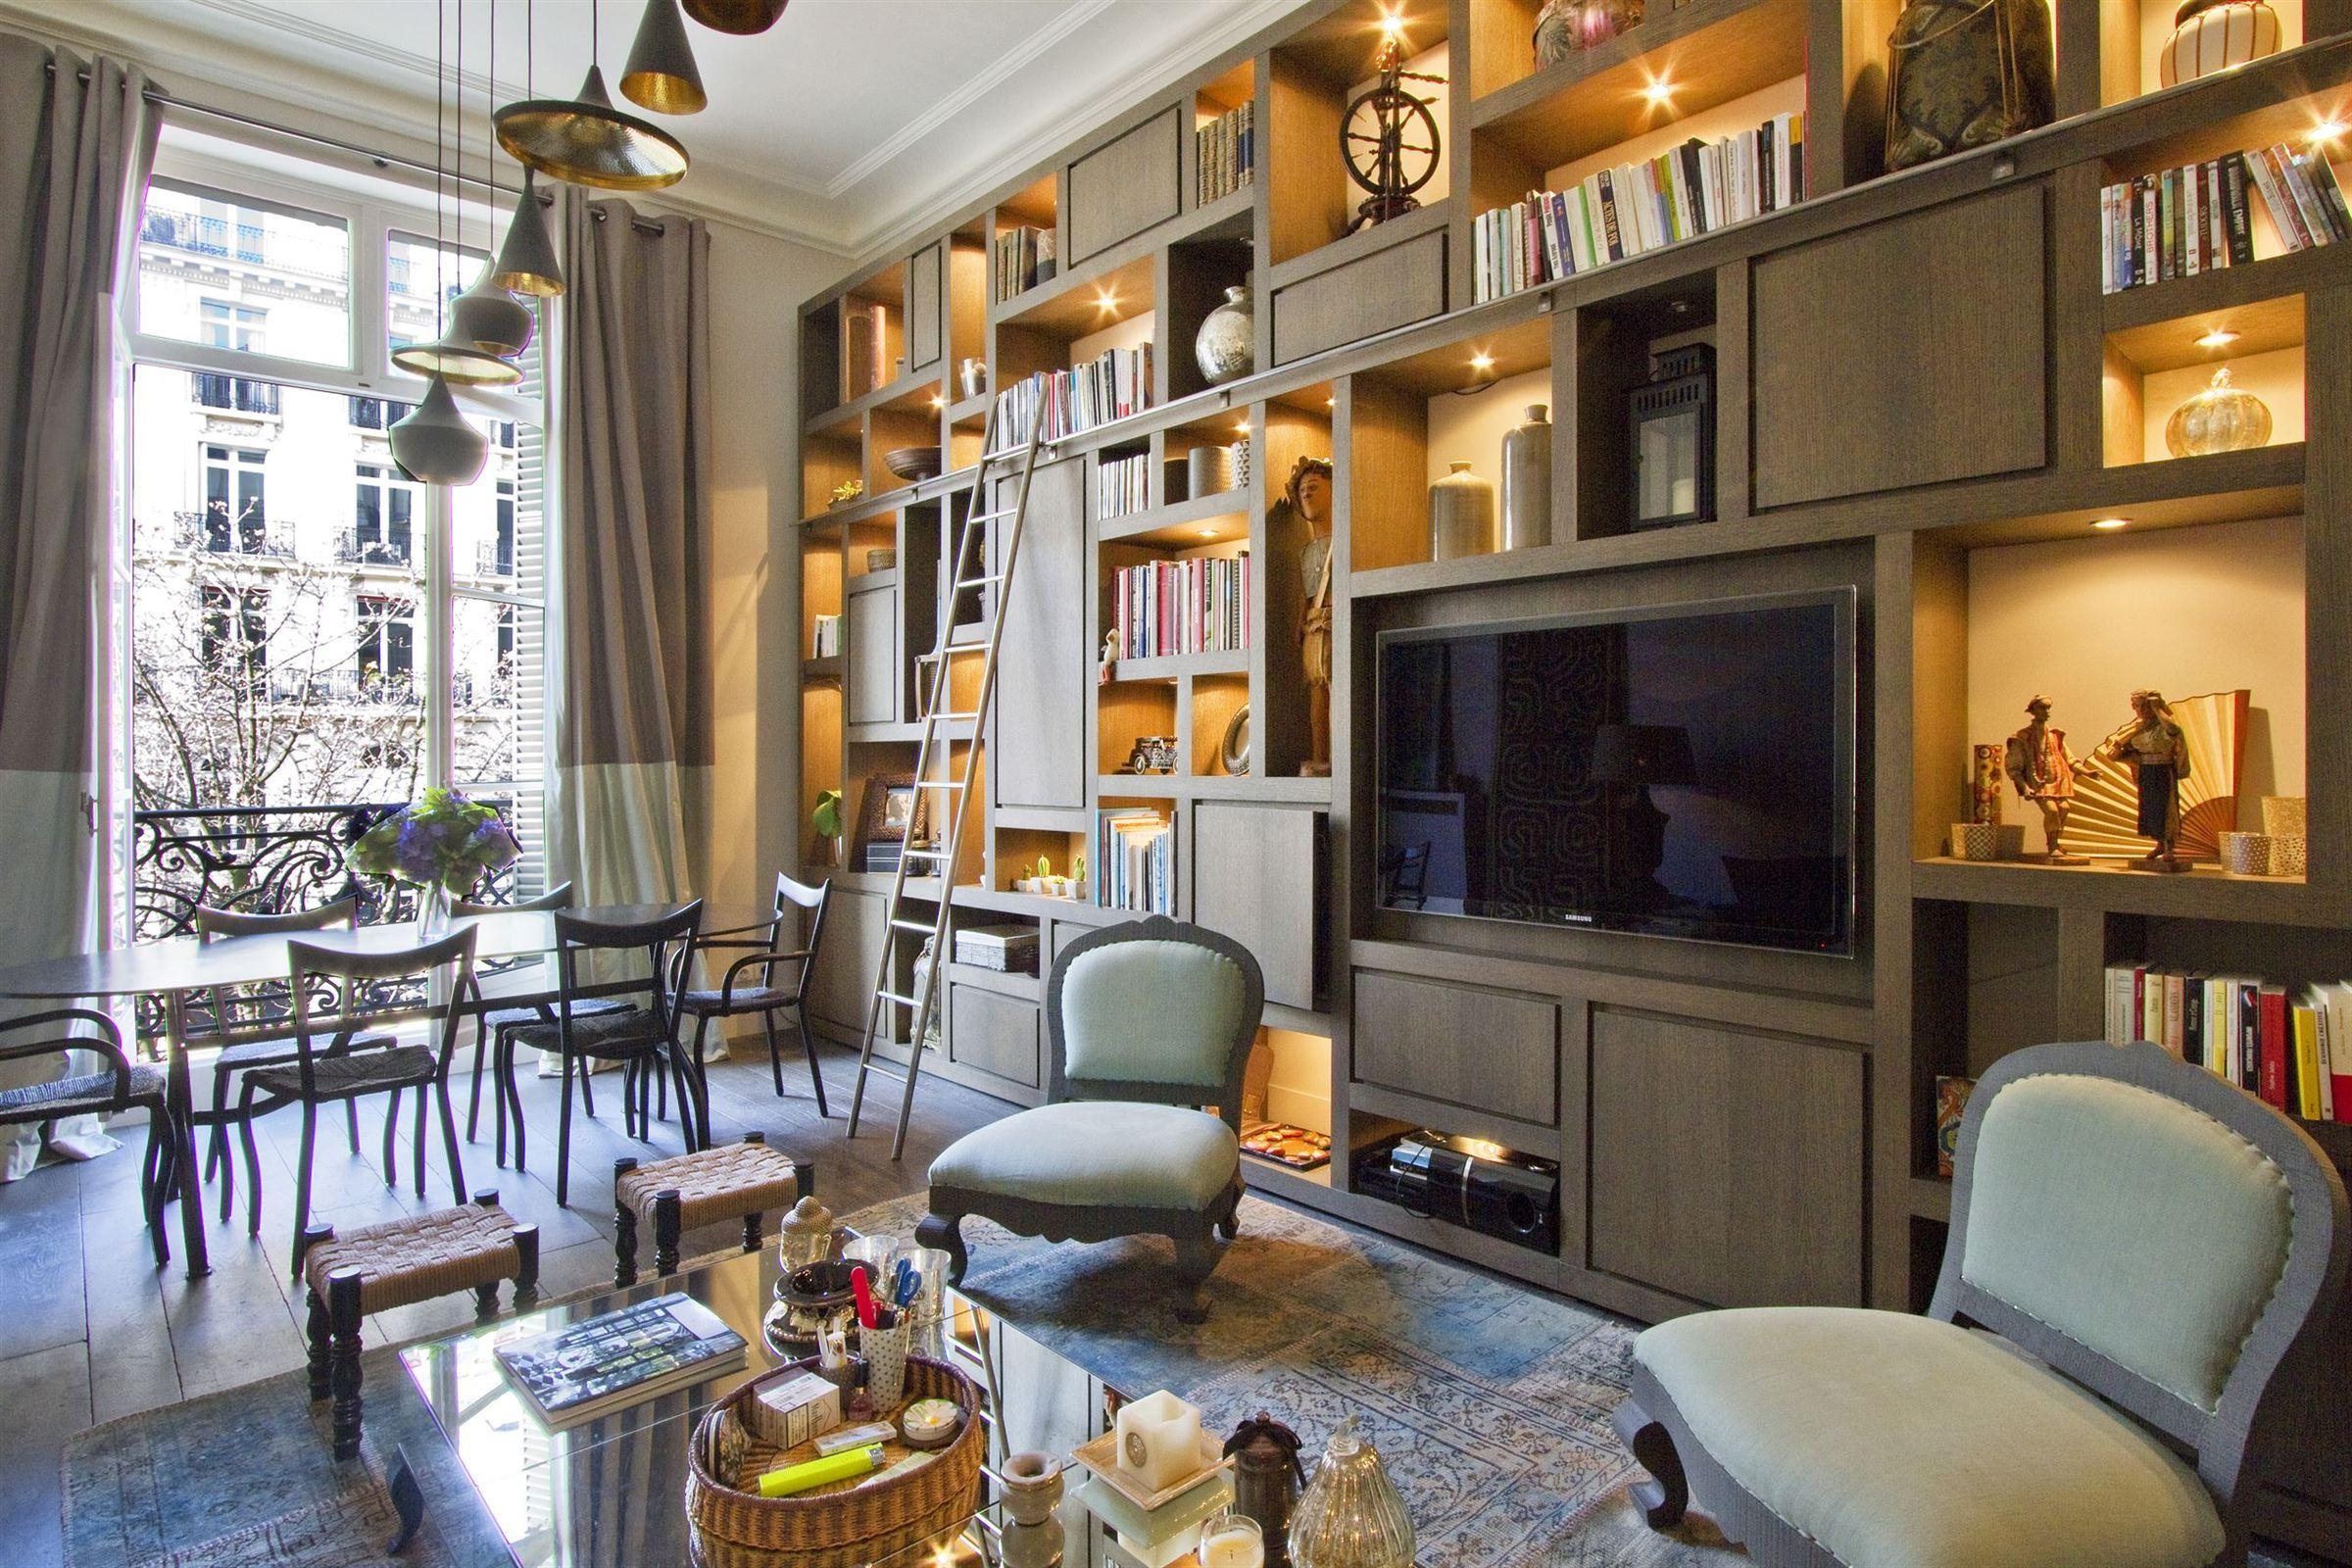 sales property at 75008 - Apartment near Parc Monceau